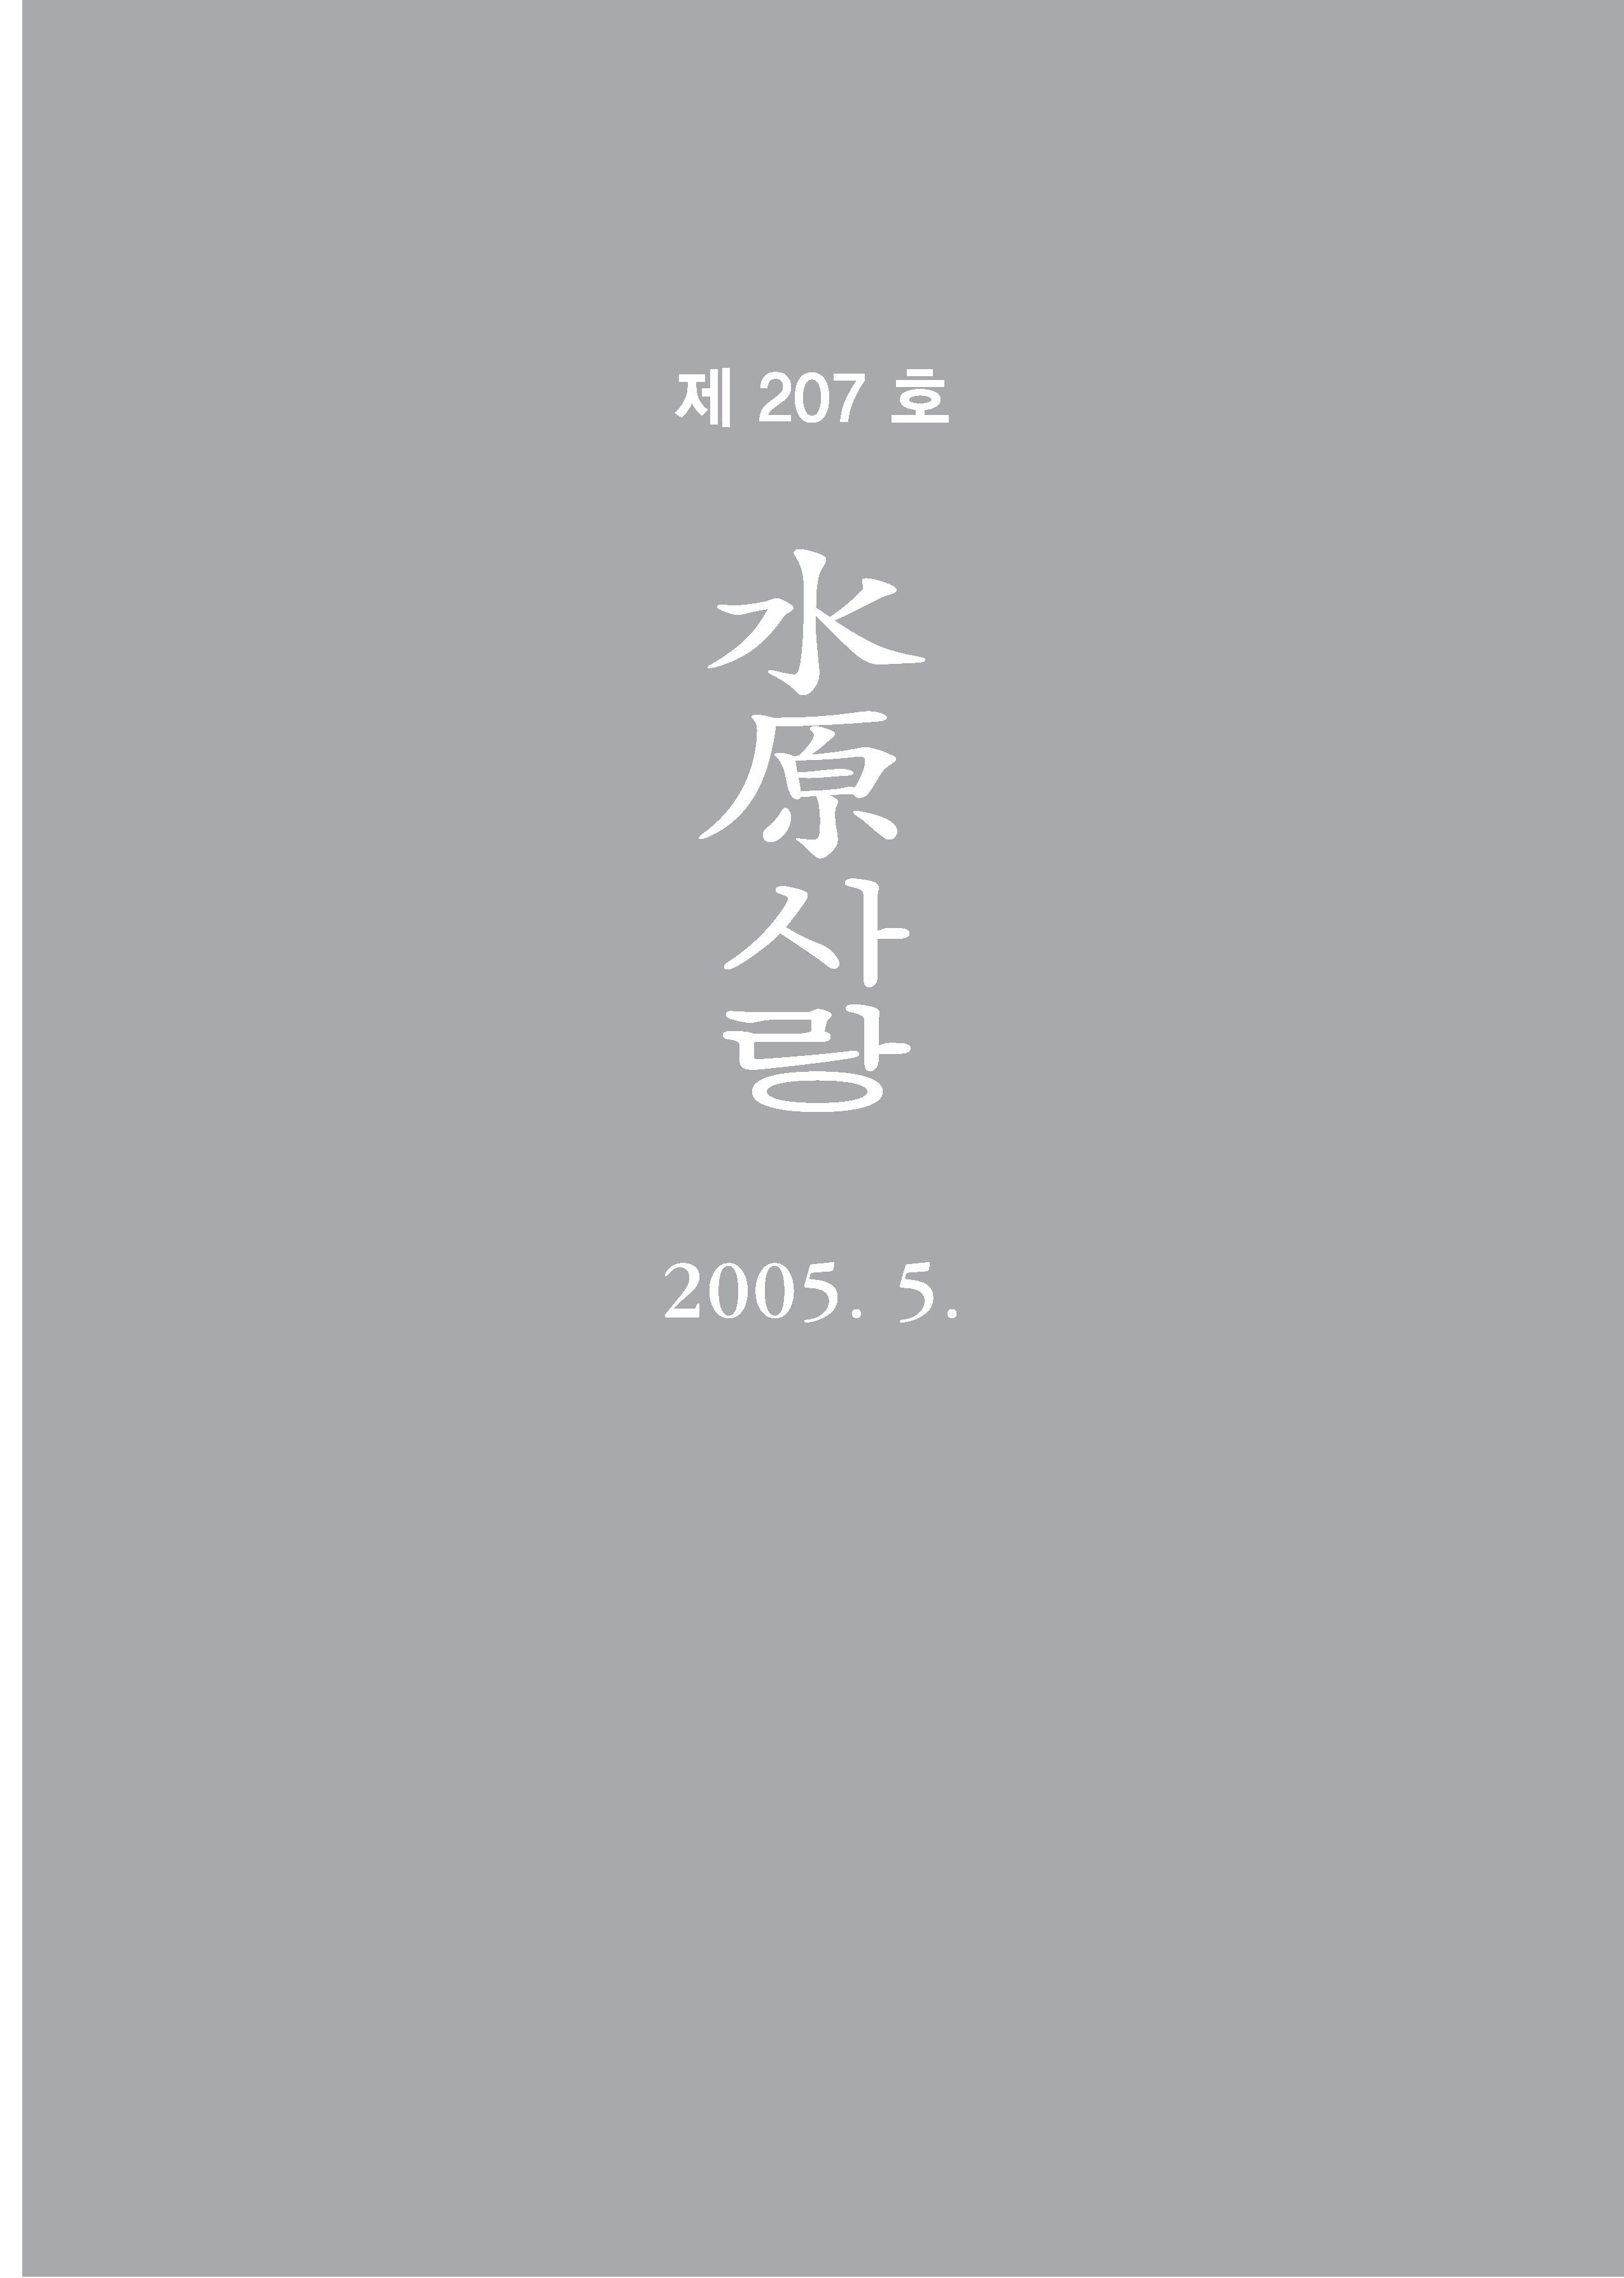 수원사랑 207호